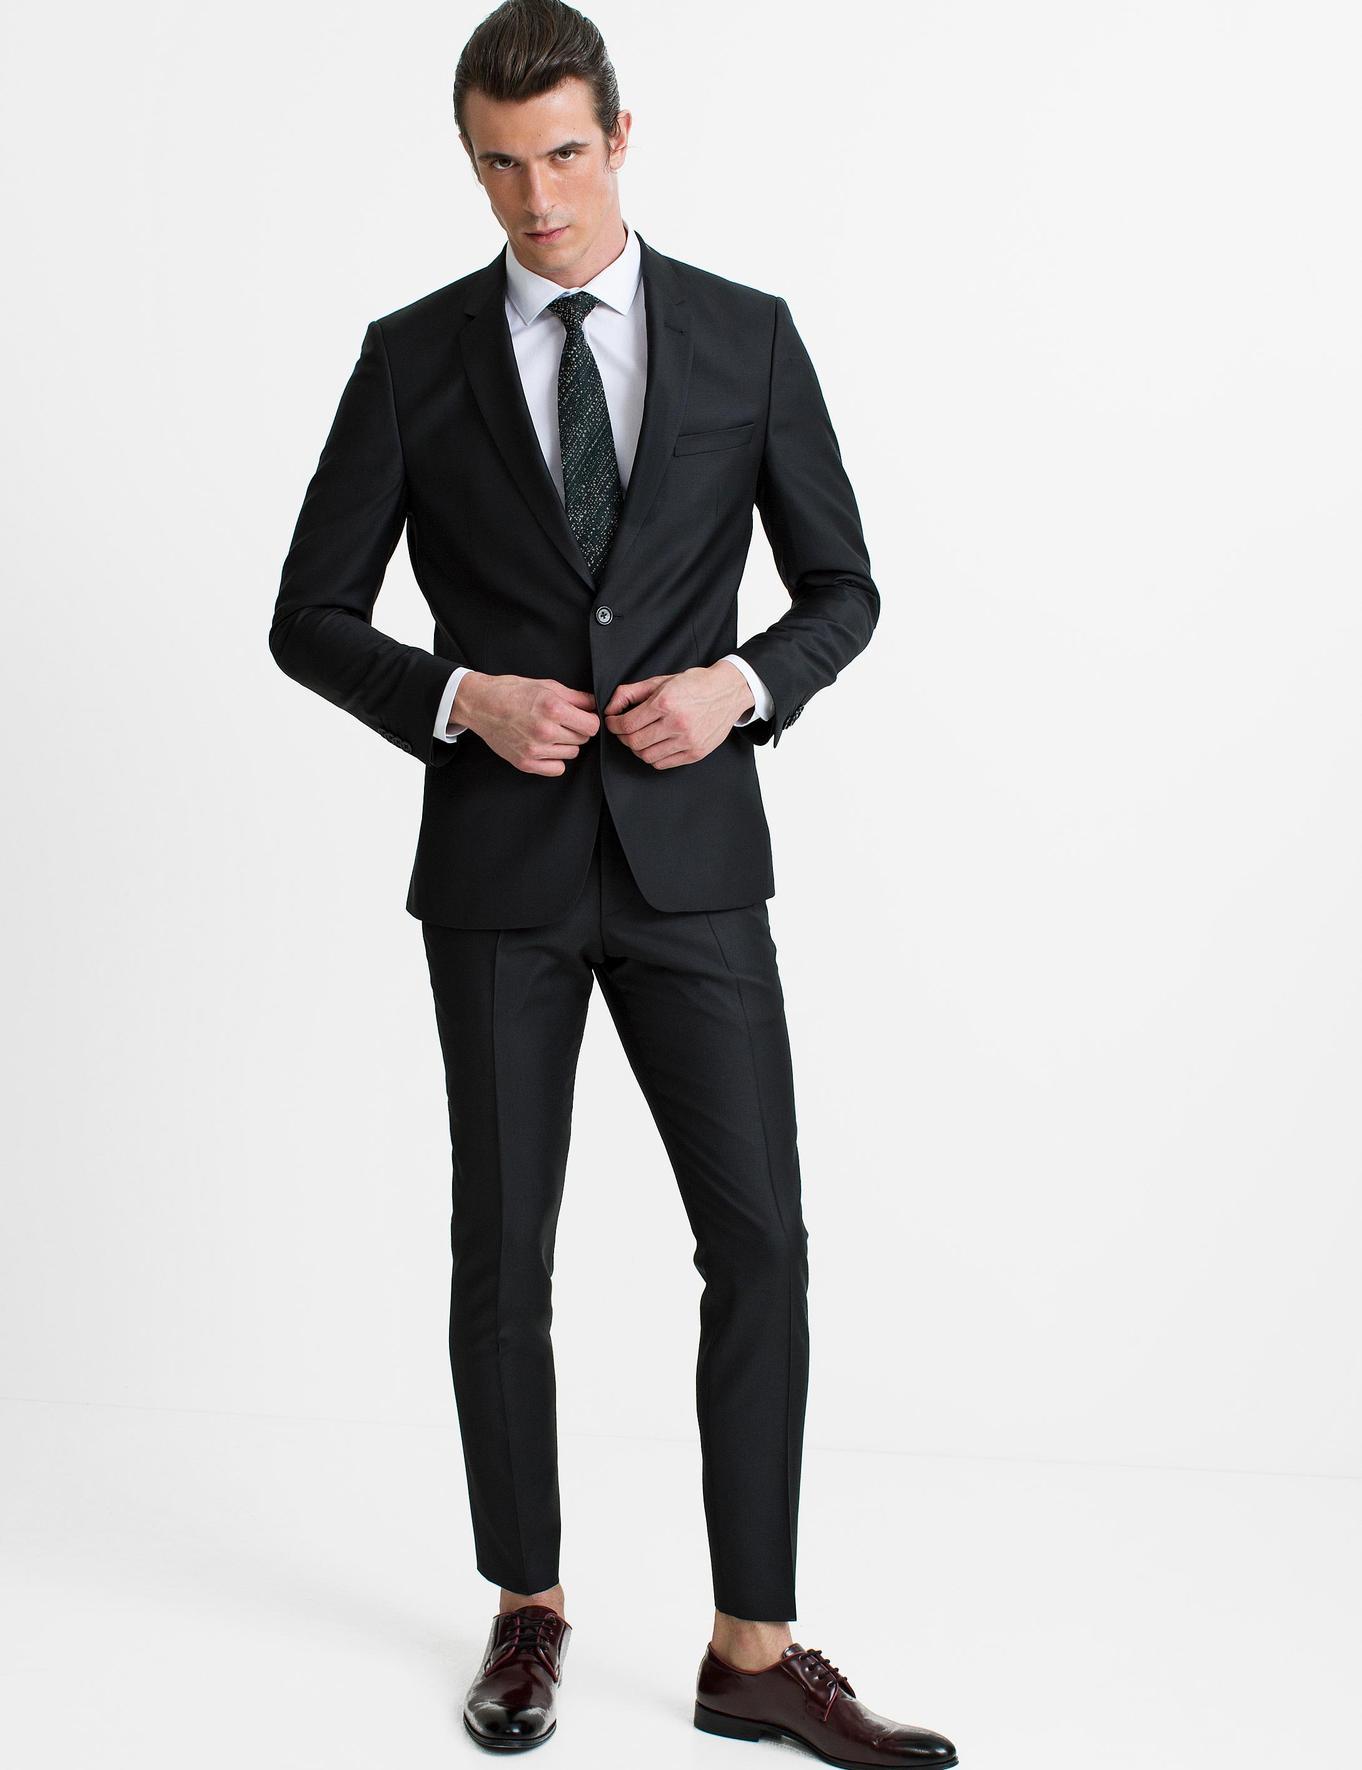 Siyah Slim Fit Takım Elbise - 50190716037